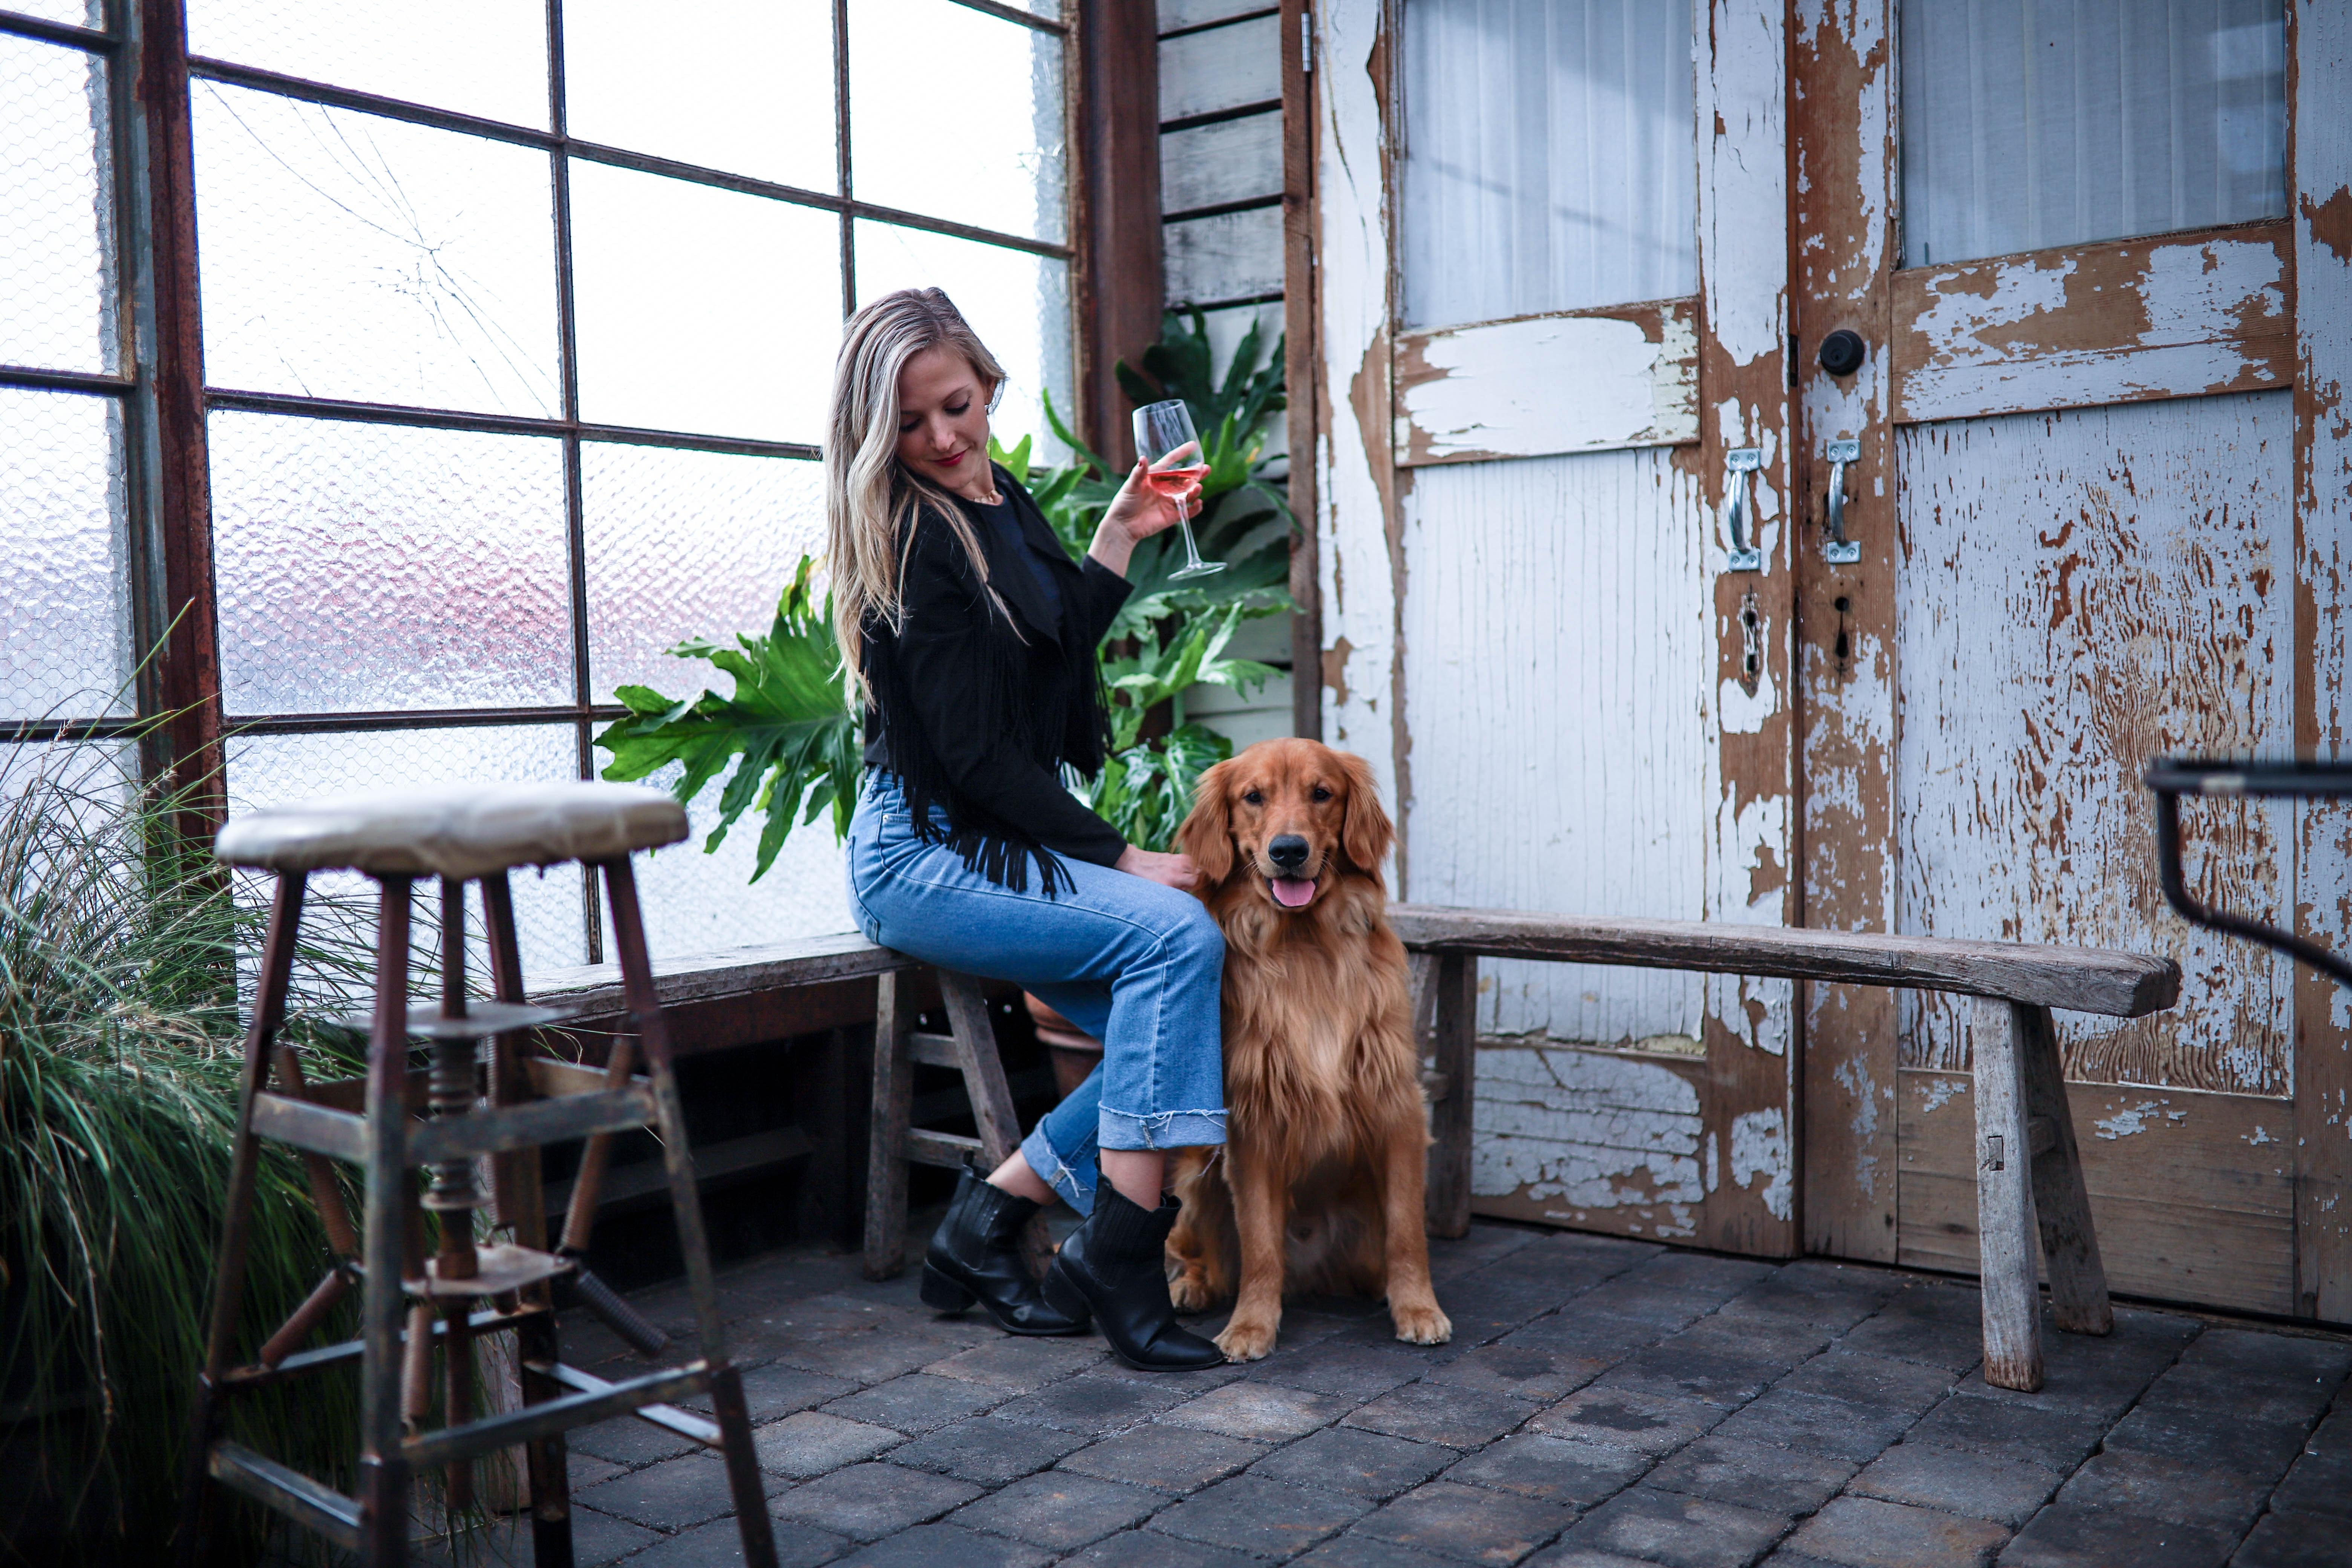 girl with dog at bar